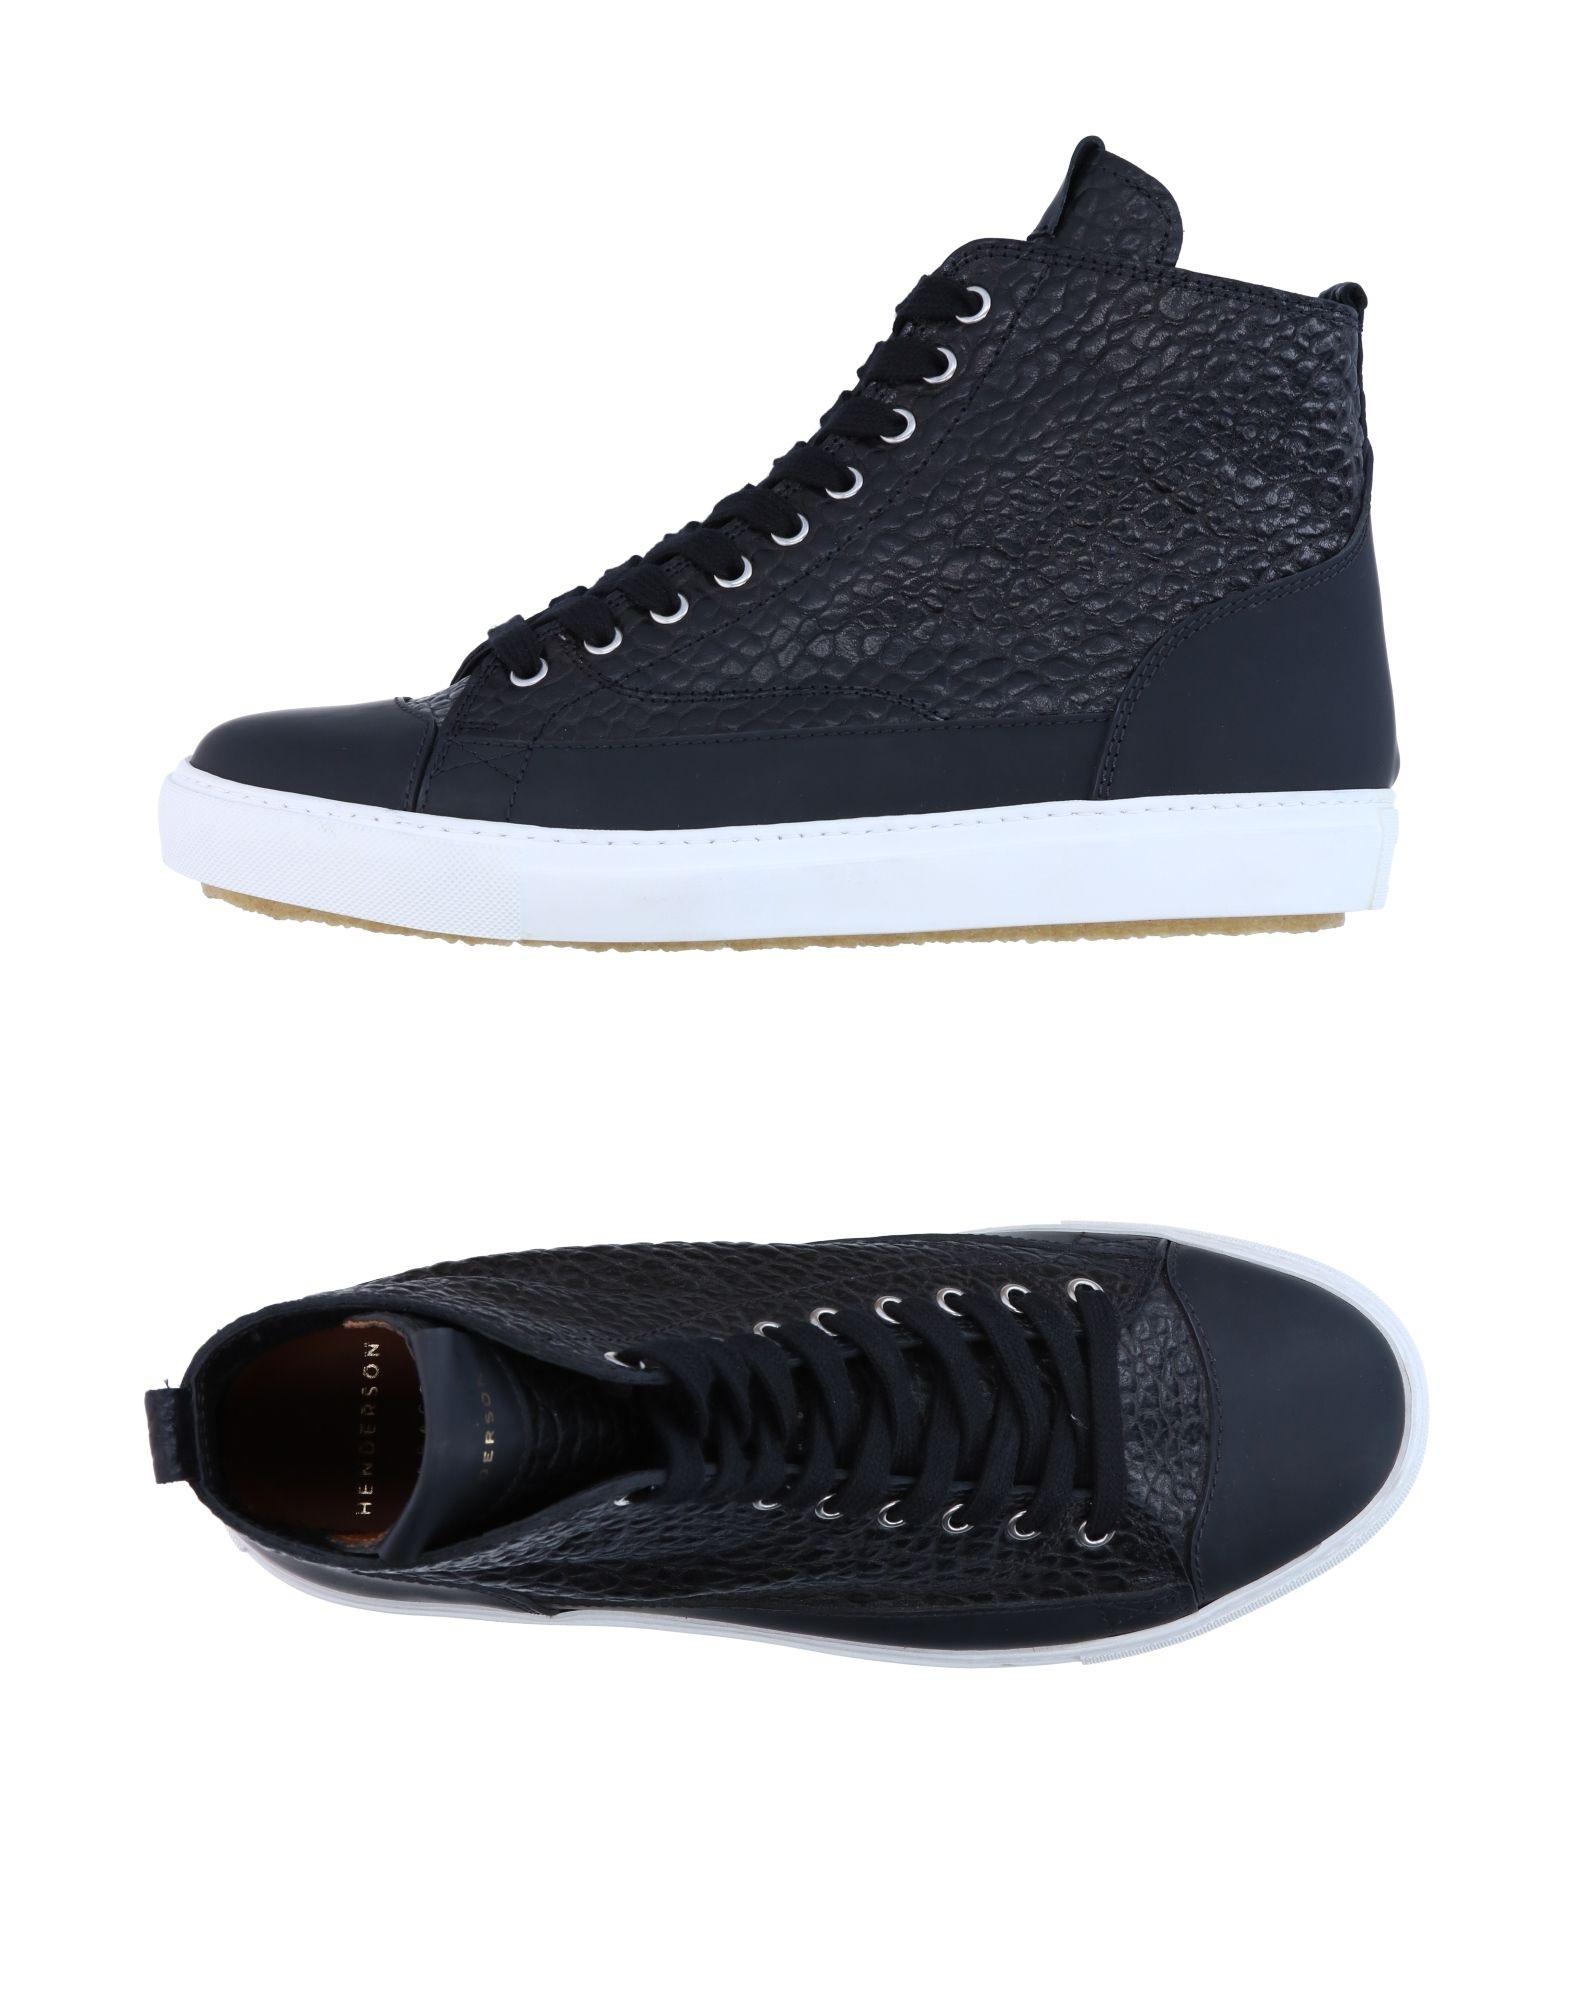 HENDERSON BARACCO Высокие кеды и кроссовки цены онлайн